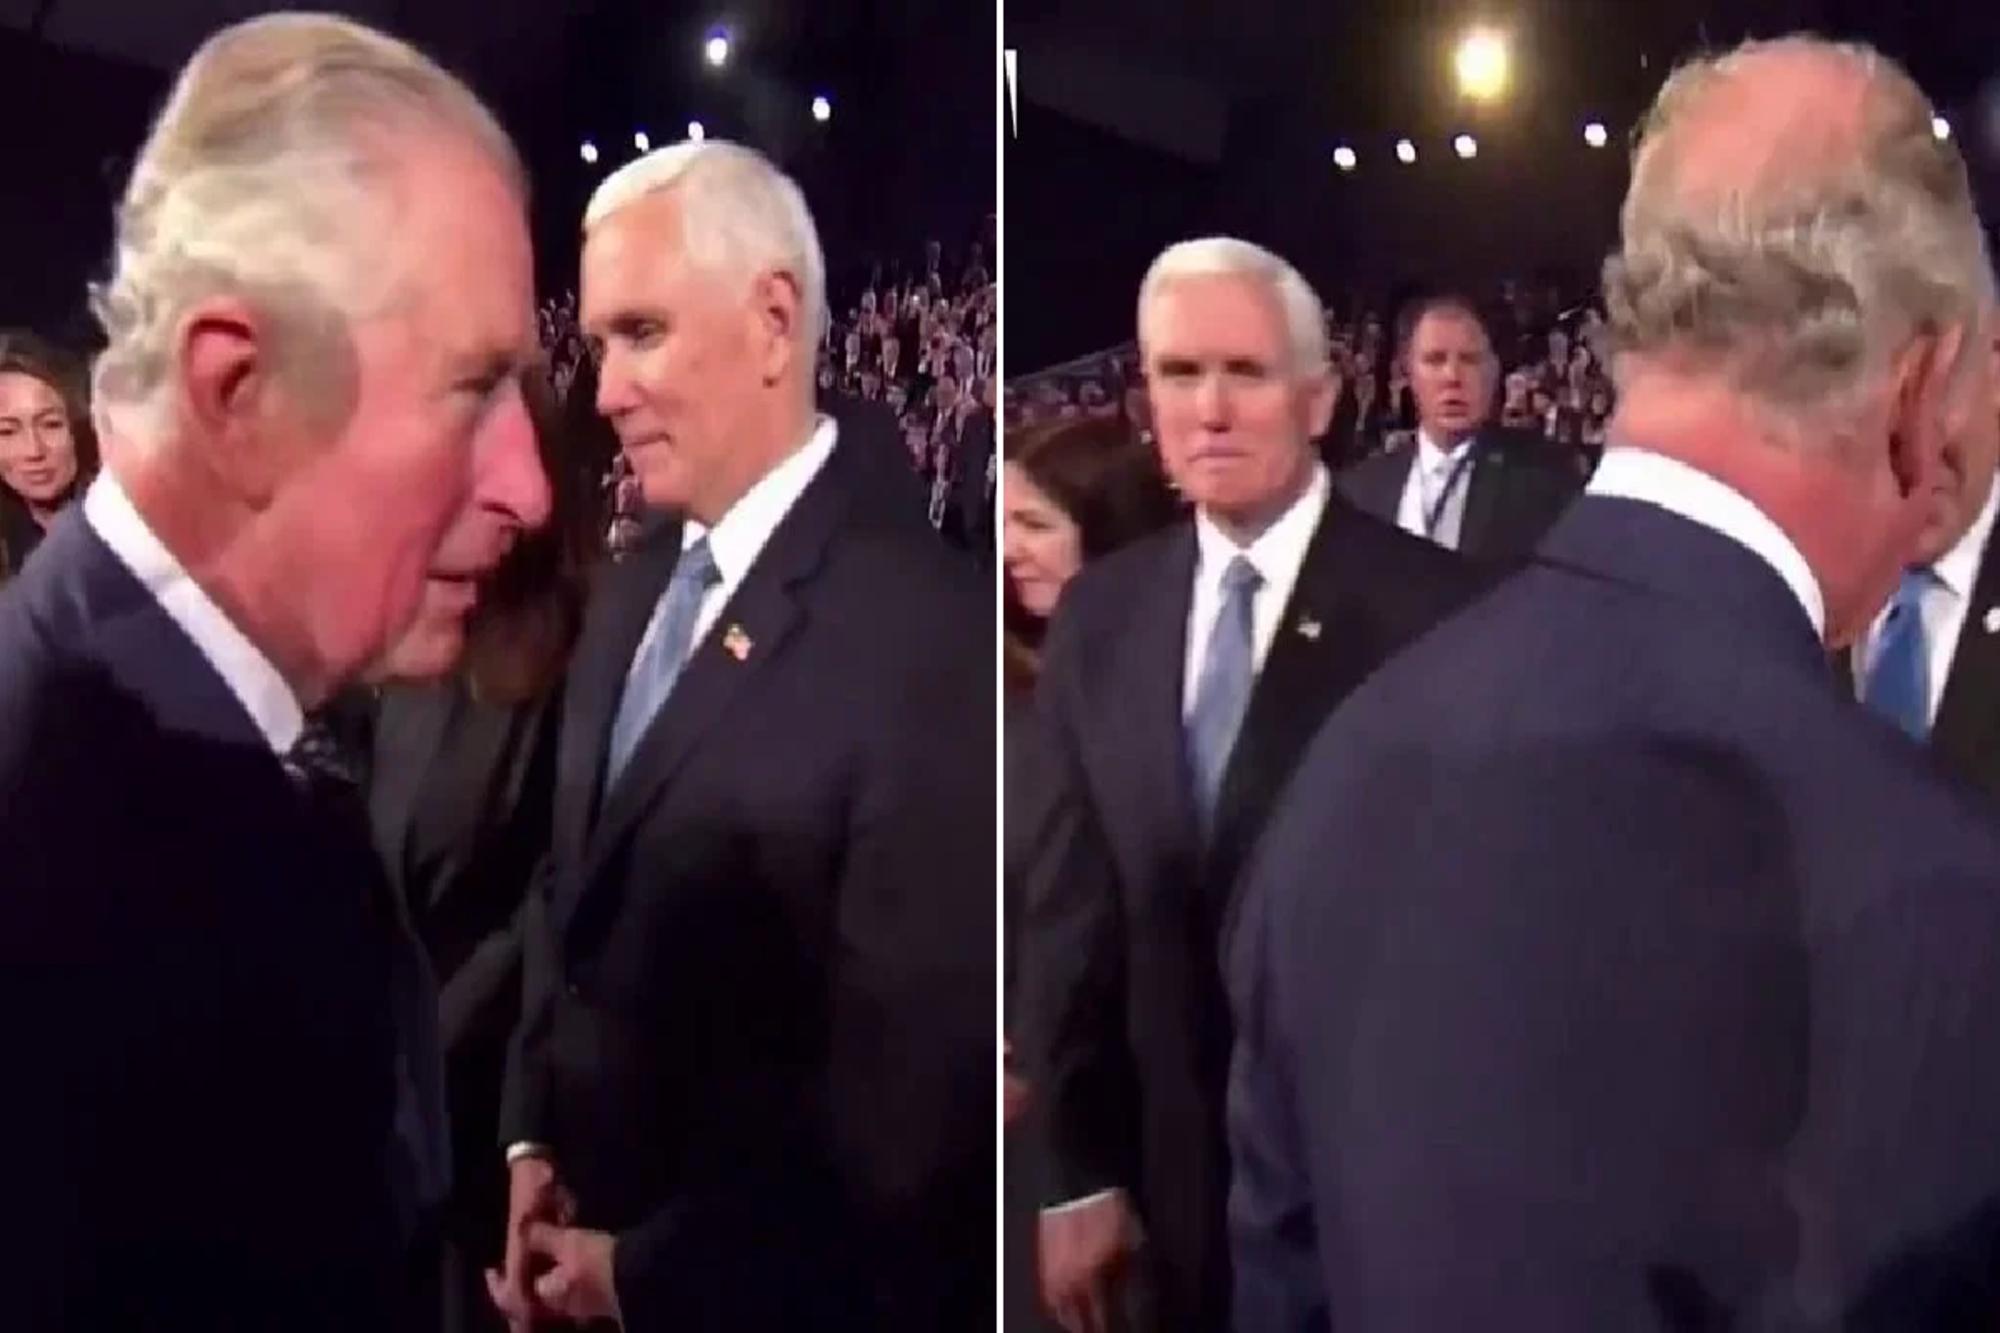 Jerusalén: el príncipe Carlos de Inglaterra no saludó a Mike Pence, vicepresidente de EE.UU.